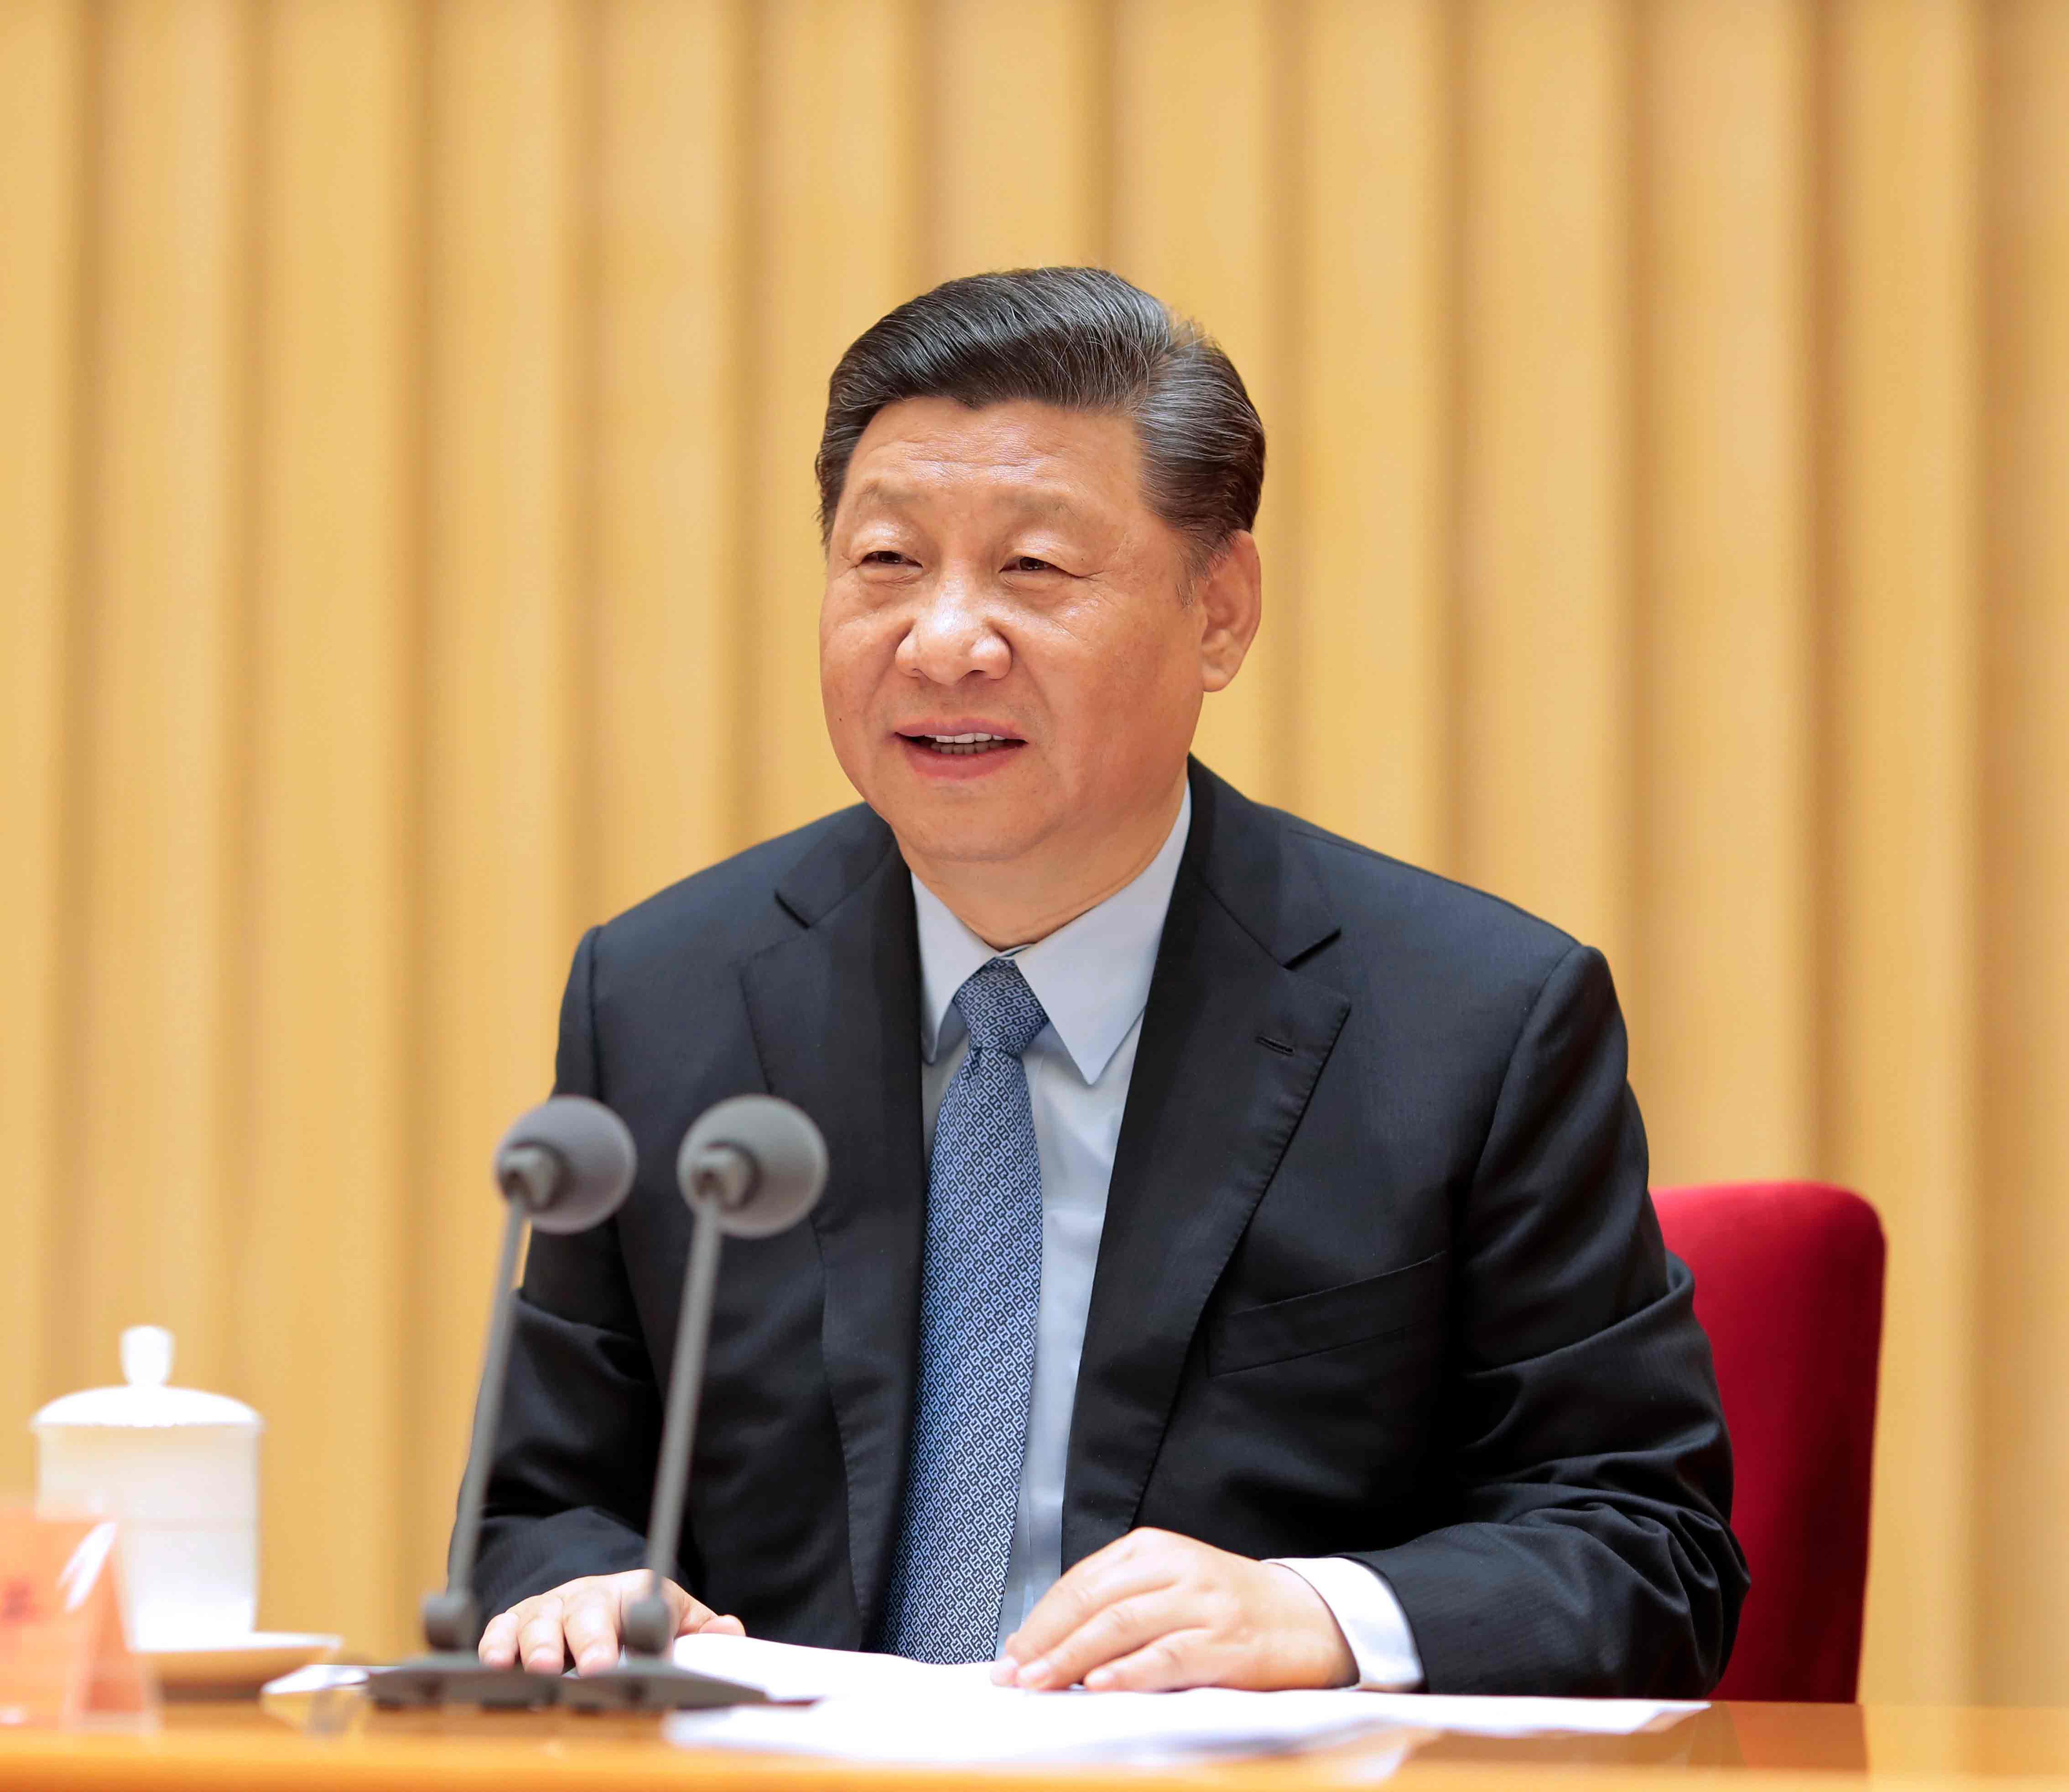 5月7日至8日,全国公安大发欢乐生肖会议在北京召开。中共中央总书记、国家主席、中央军委主席习近平出席会议并发表重要讲话。